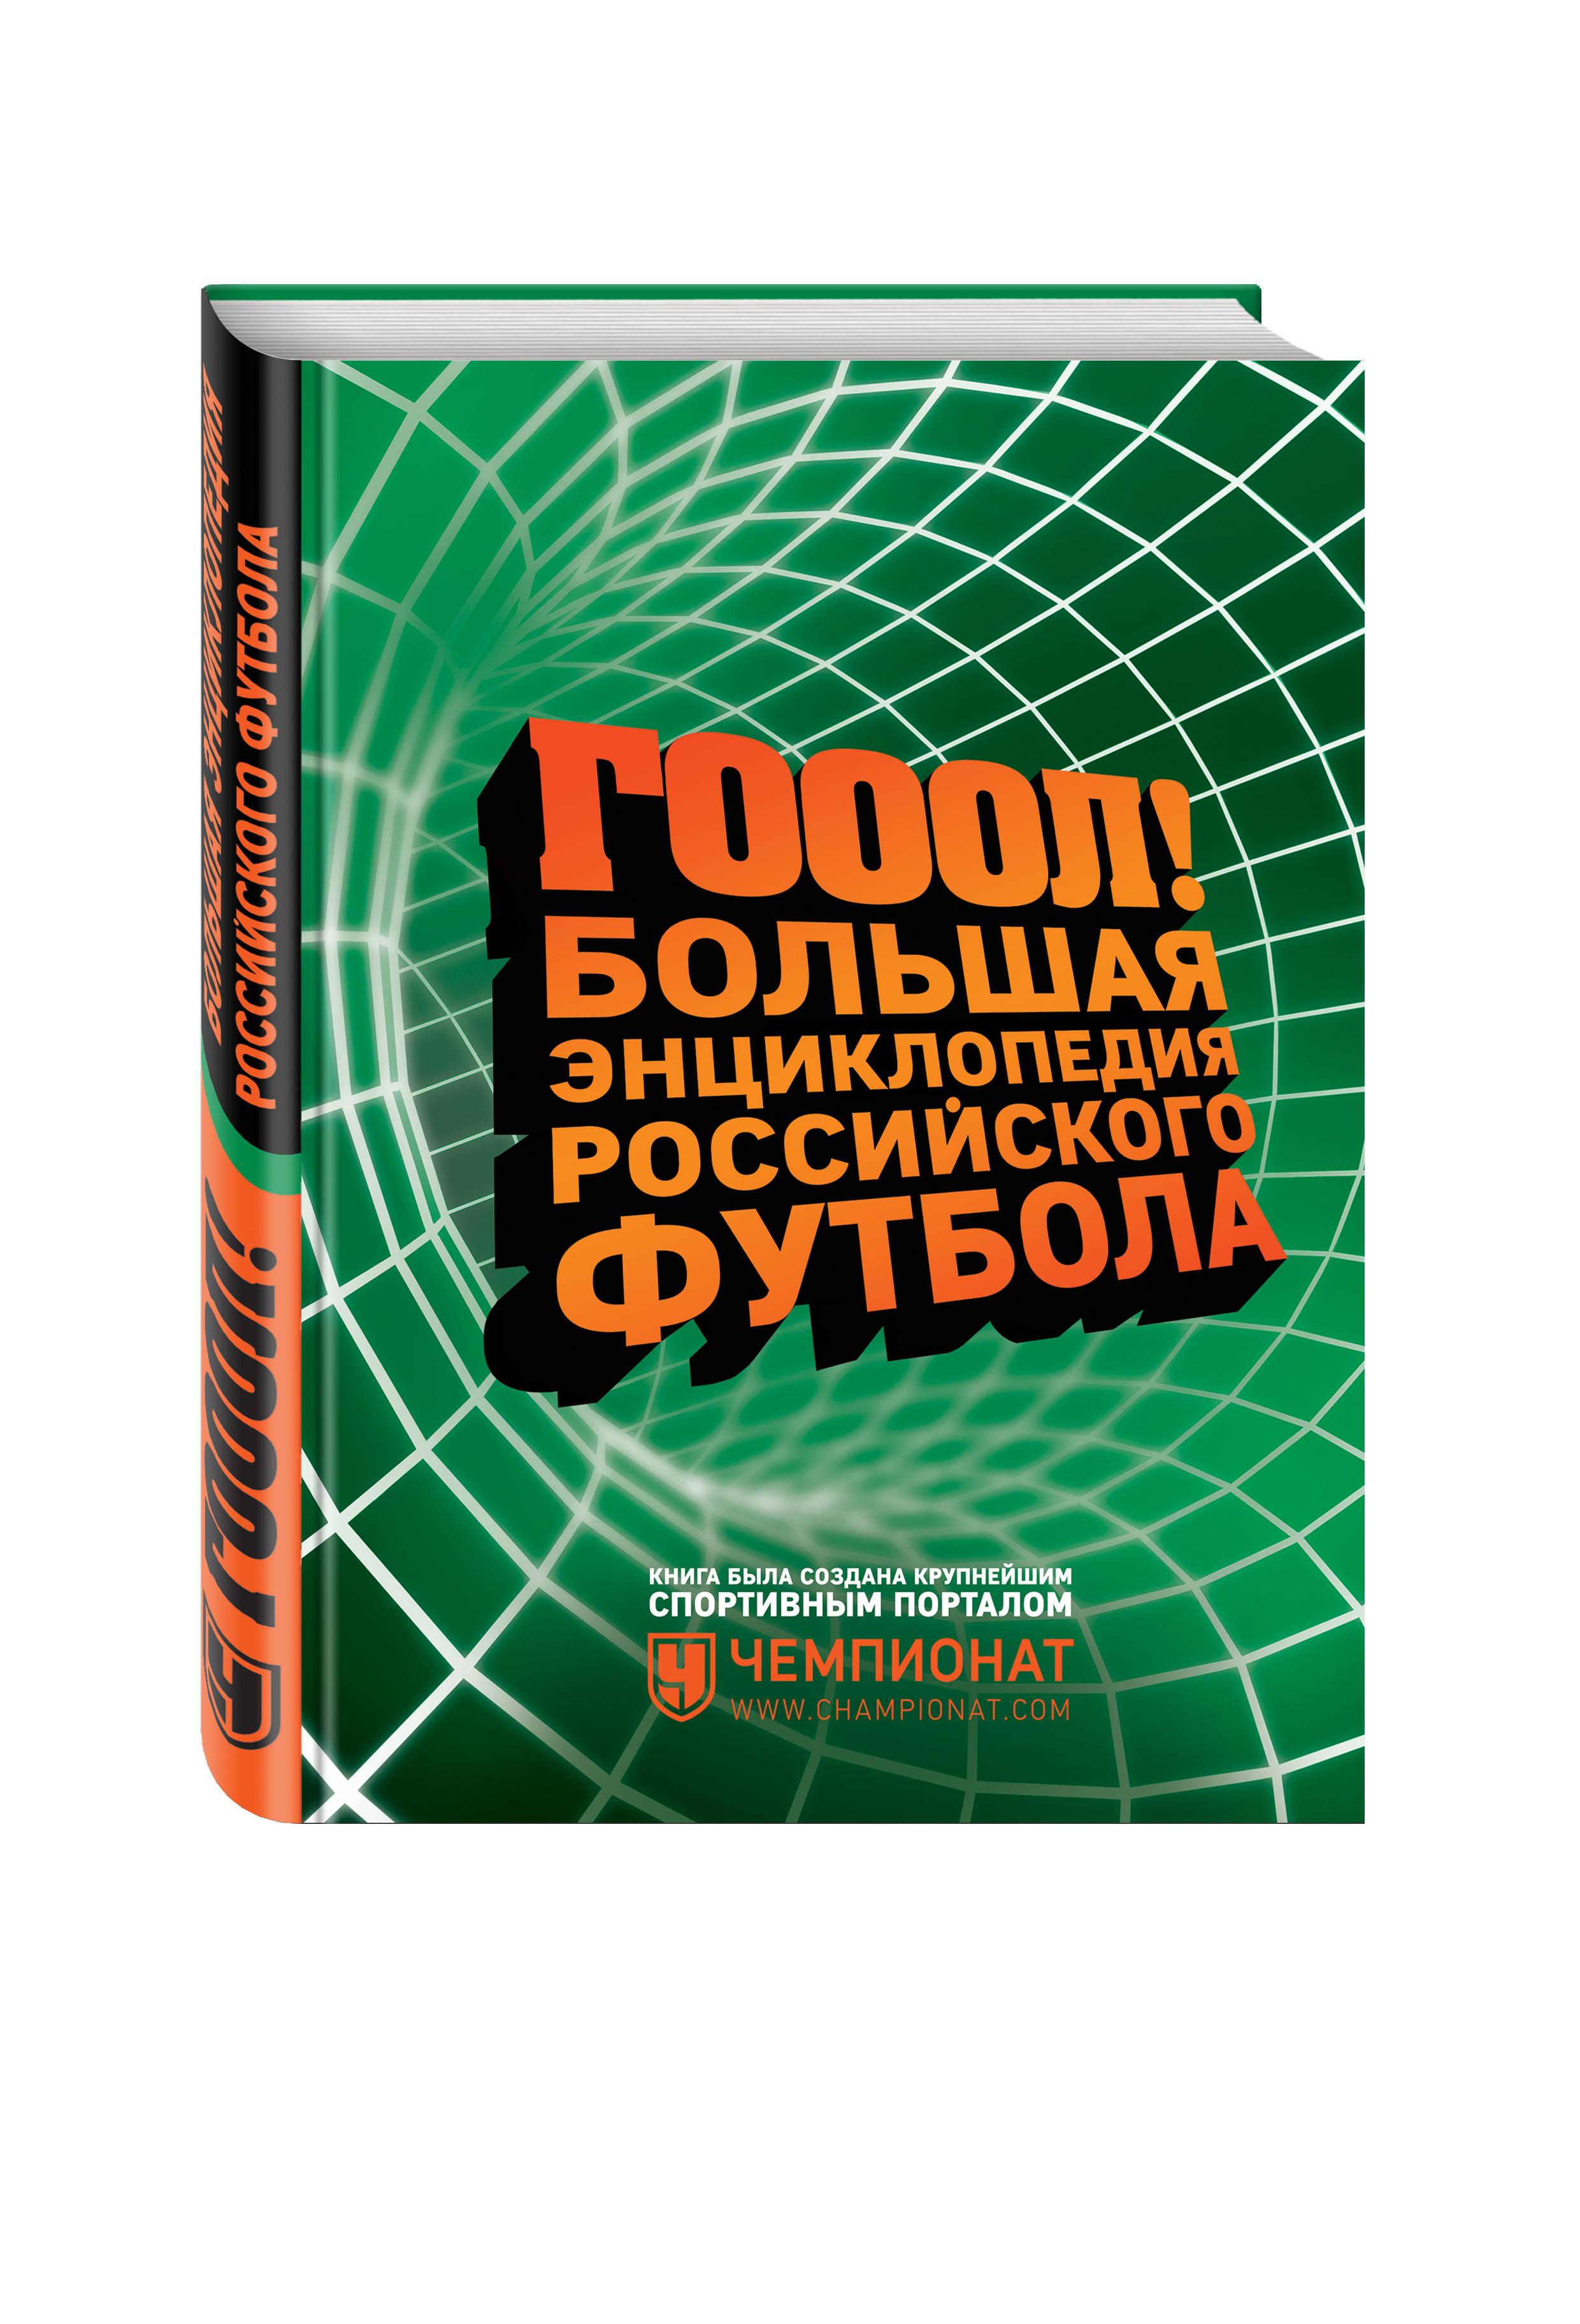 Большая энциклопедия российского футбола (